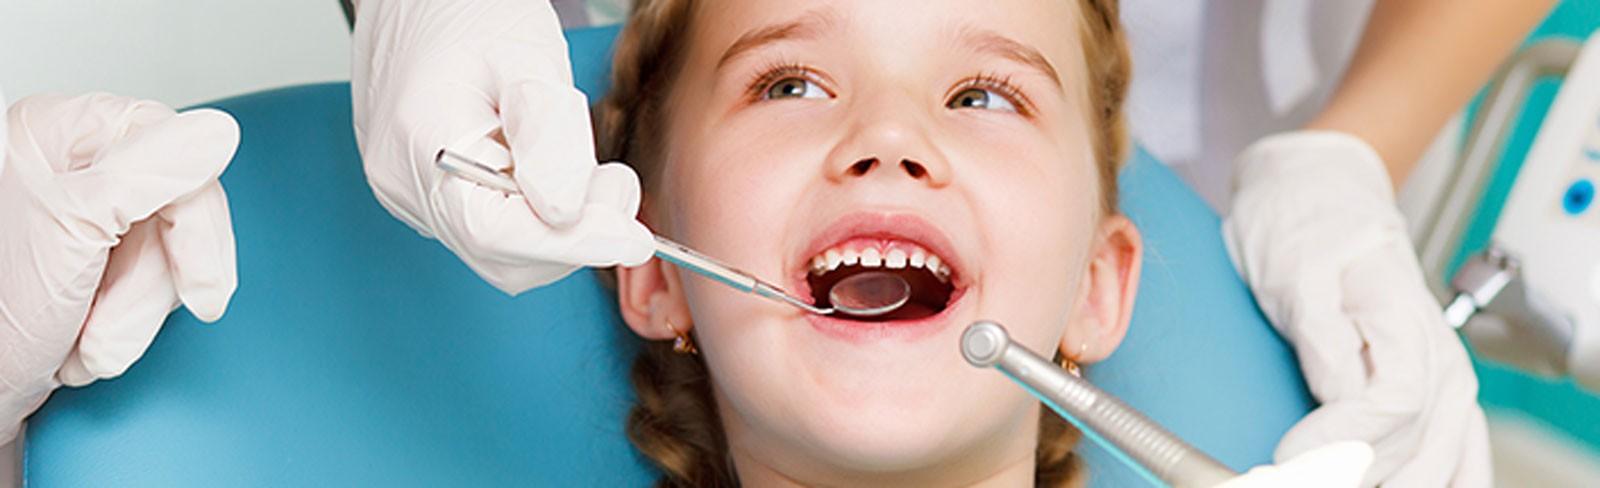 Limpieza dental, responsabilidad de papi y mami.